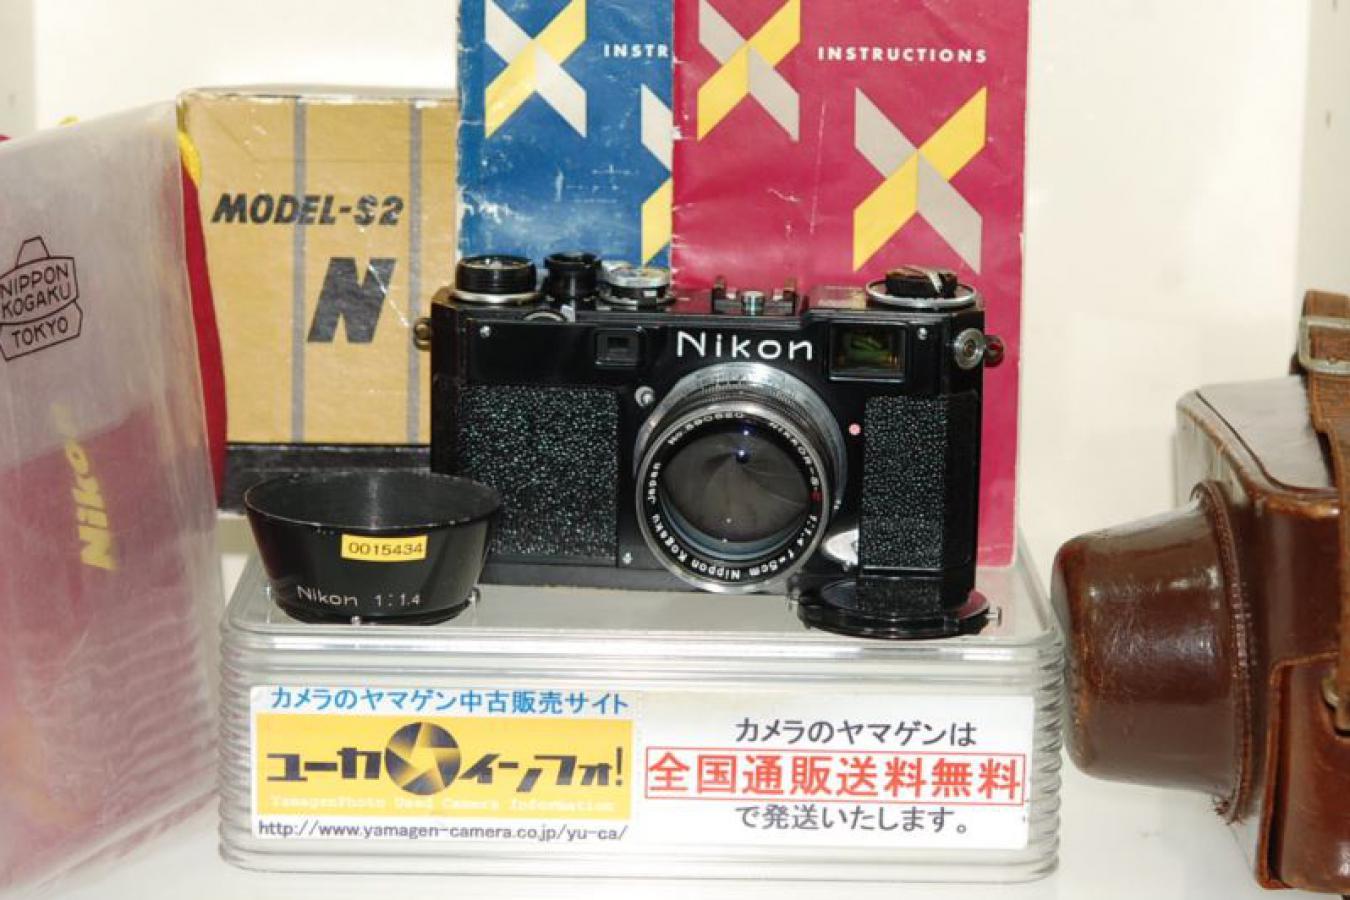 【コレクション向け 珍 品】 ニコン S2 ブラック NIKKOR-S・C 5cm F1.4付 【純正ケース、フード、取説(和文、英文)、巾着袋、元箱付一式】 ※この個体は6194000番台〜6194